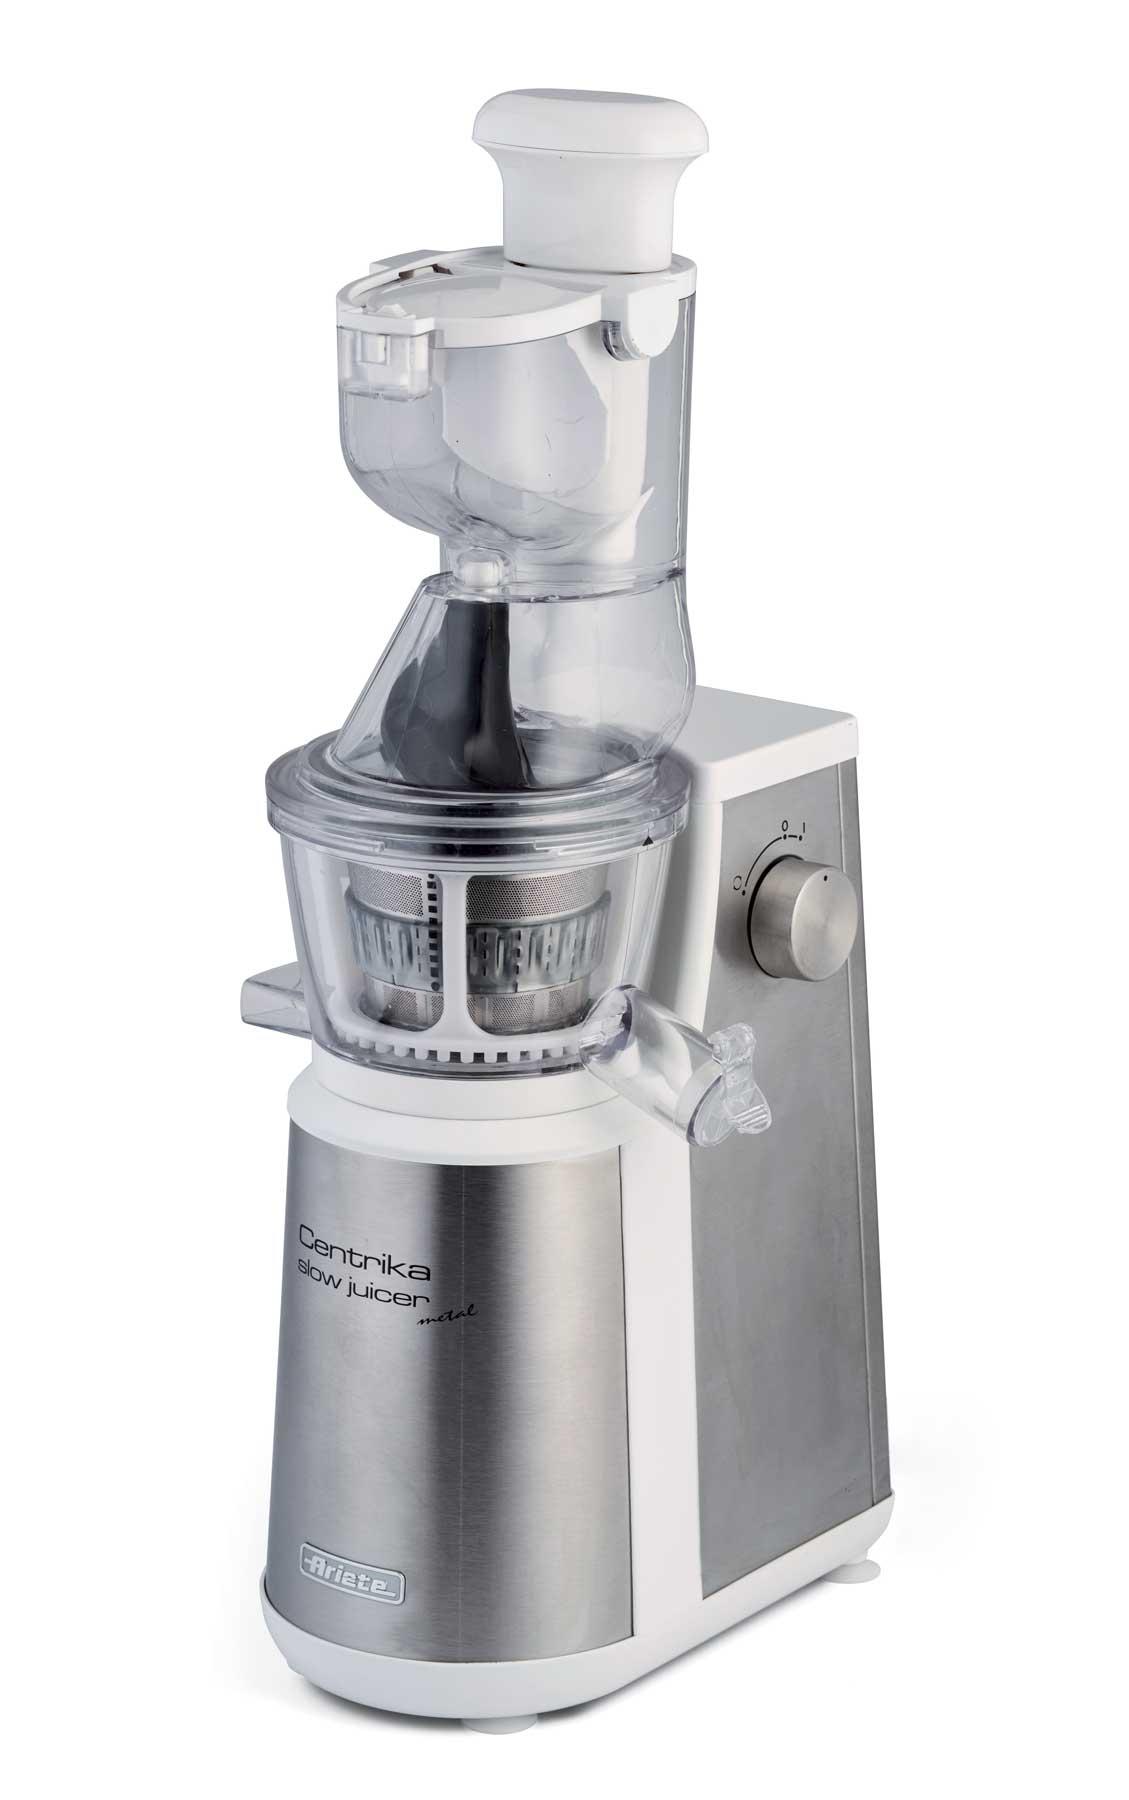 Cucina Slow Juicer Reviews : Centrika Slow Juicer Metal - Un occasione al giorno Piccoli elettrodomestici